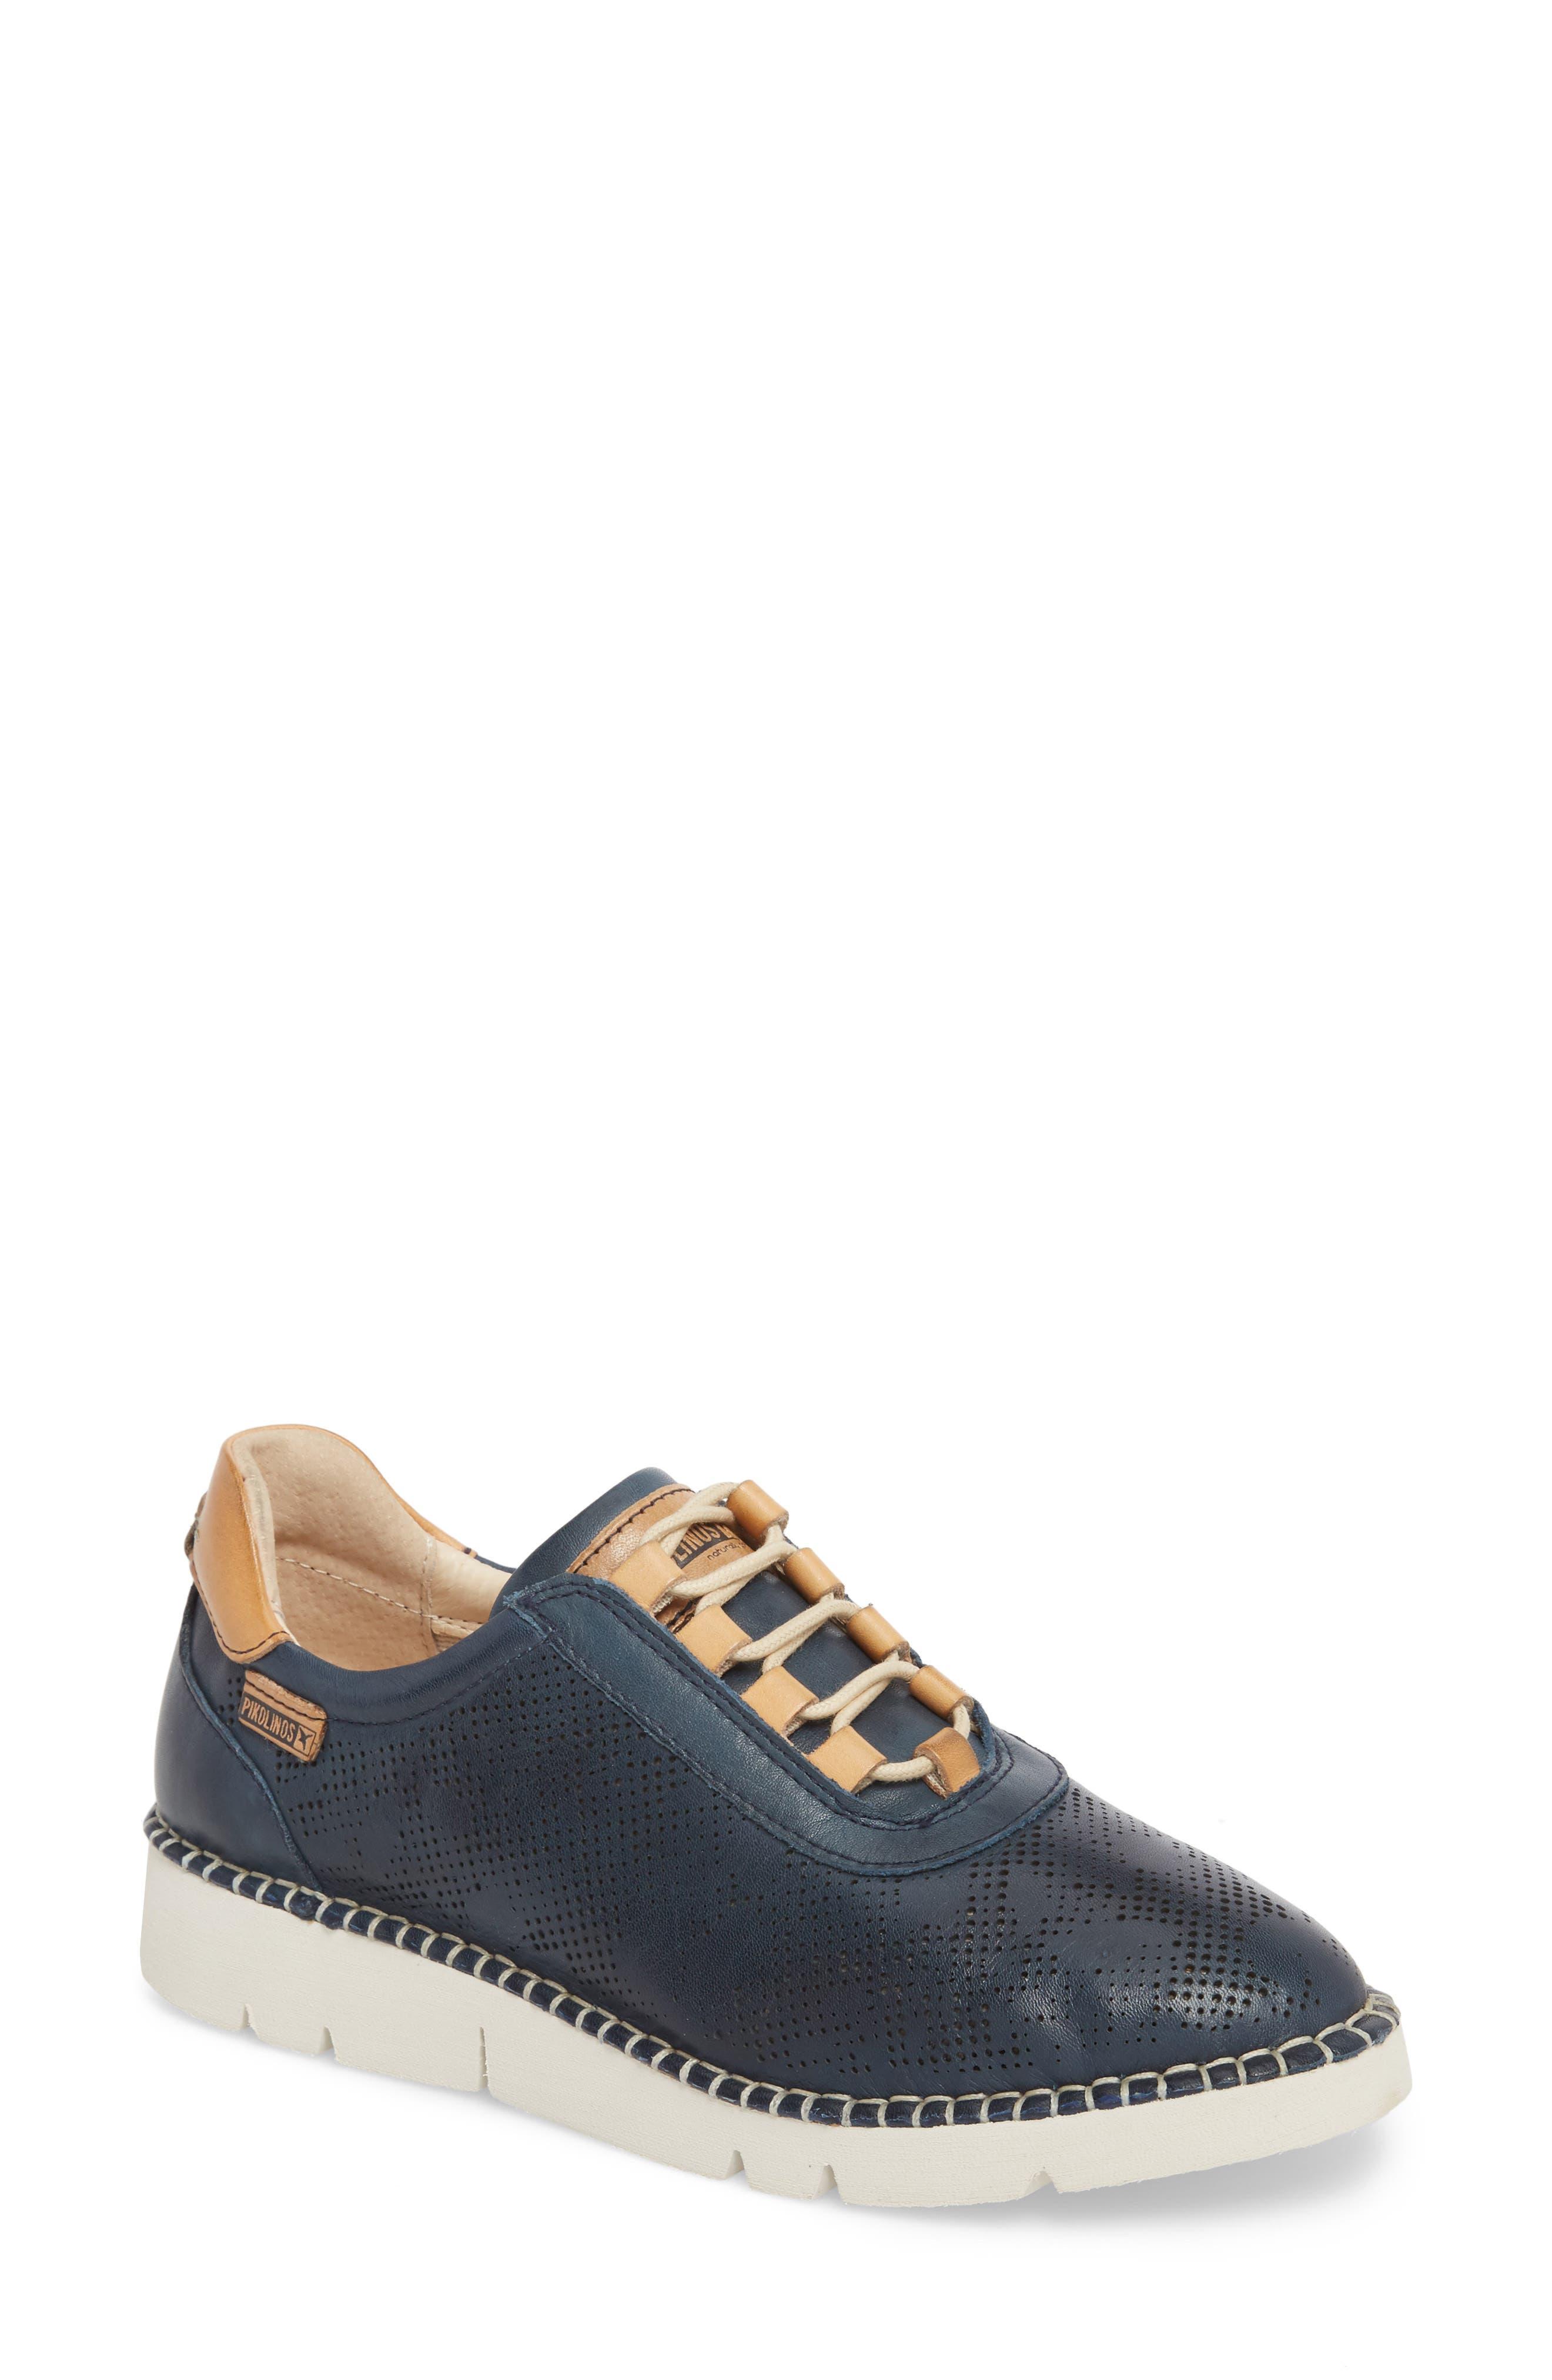 Vera Sneaker,                             Main thumbnail 1, color,                             OCEAN LEATHER